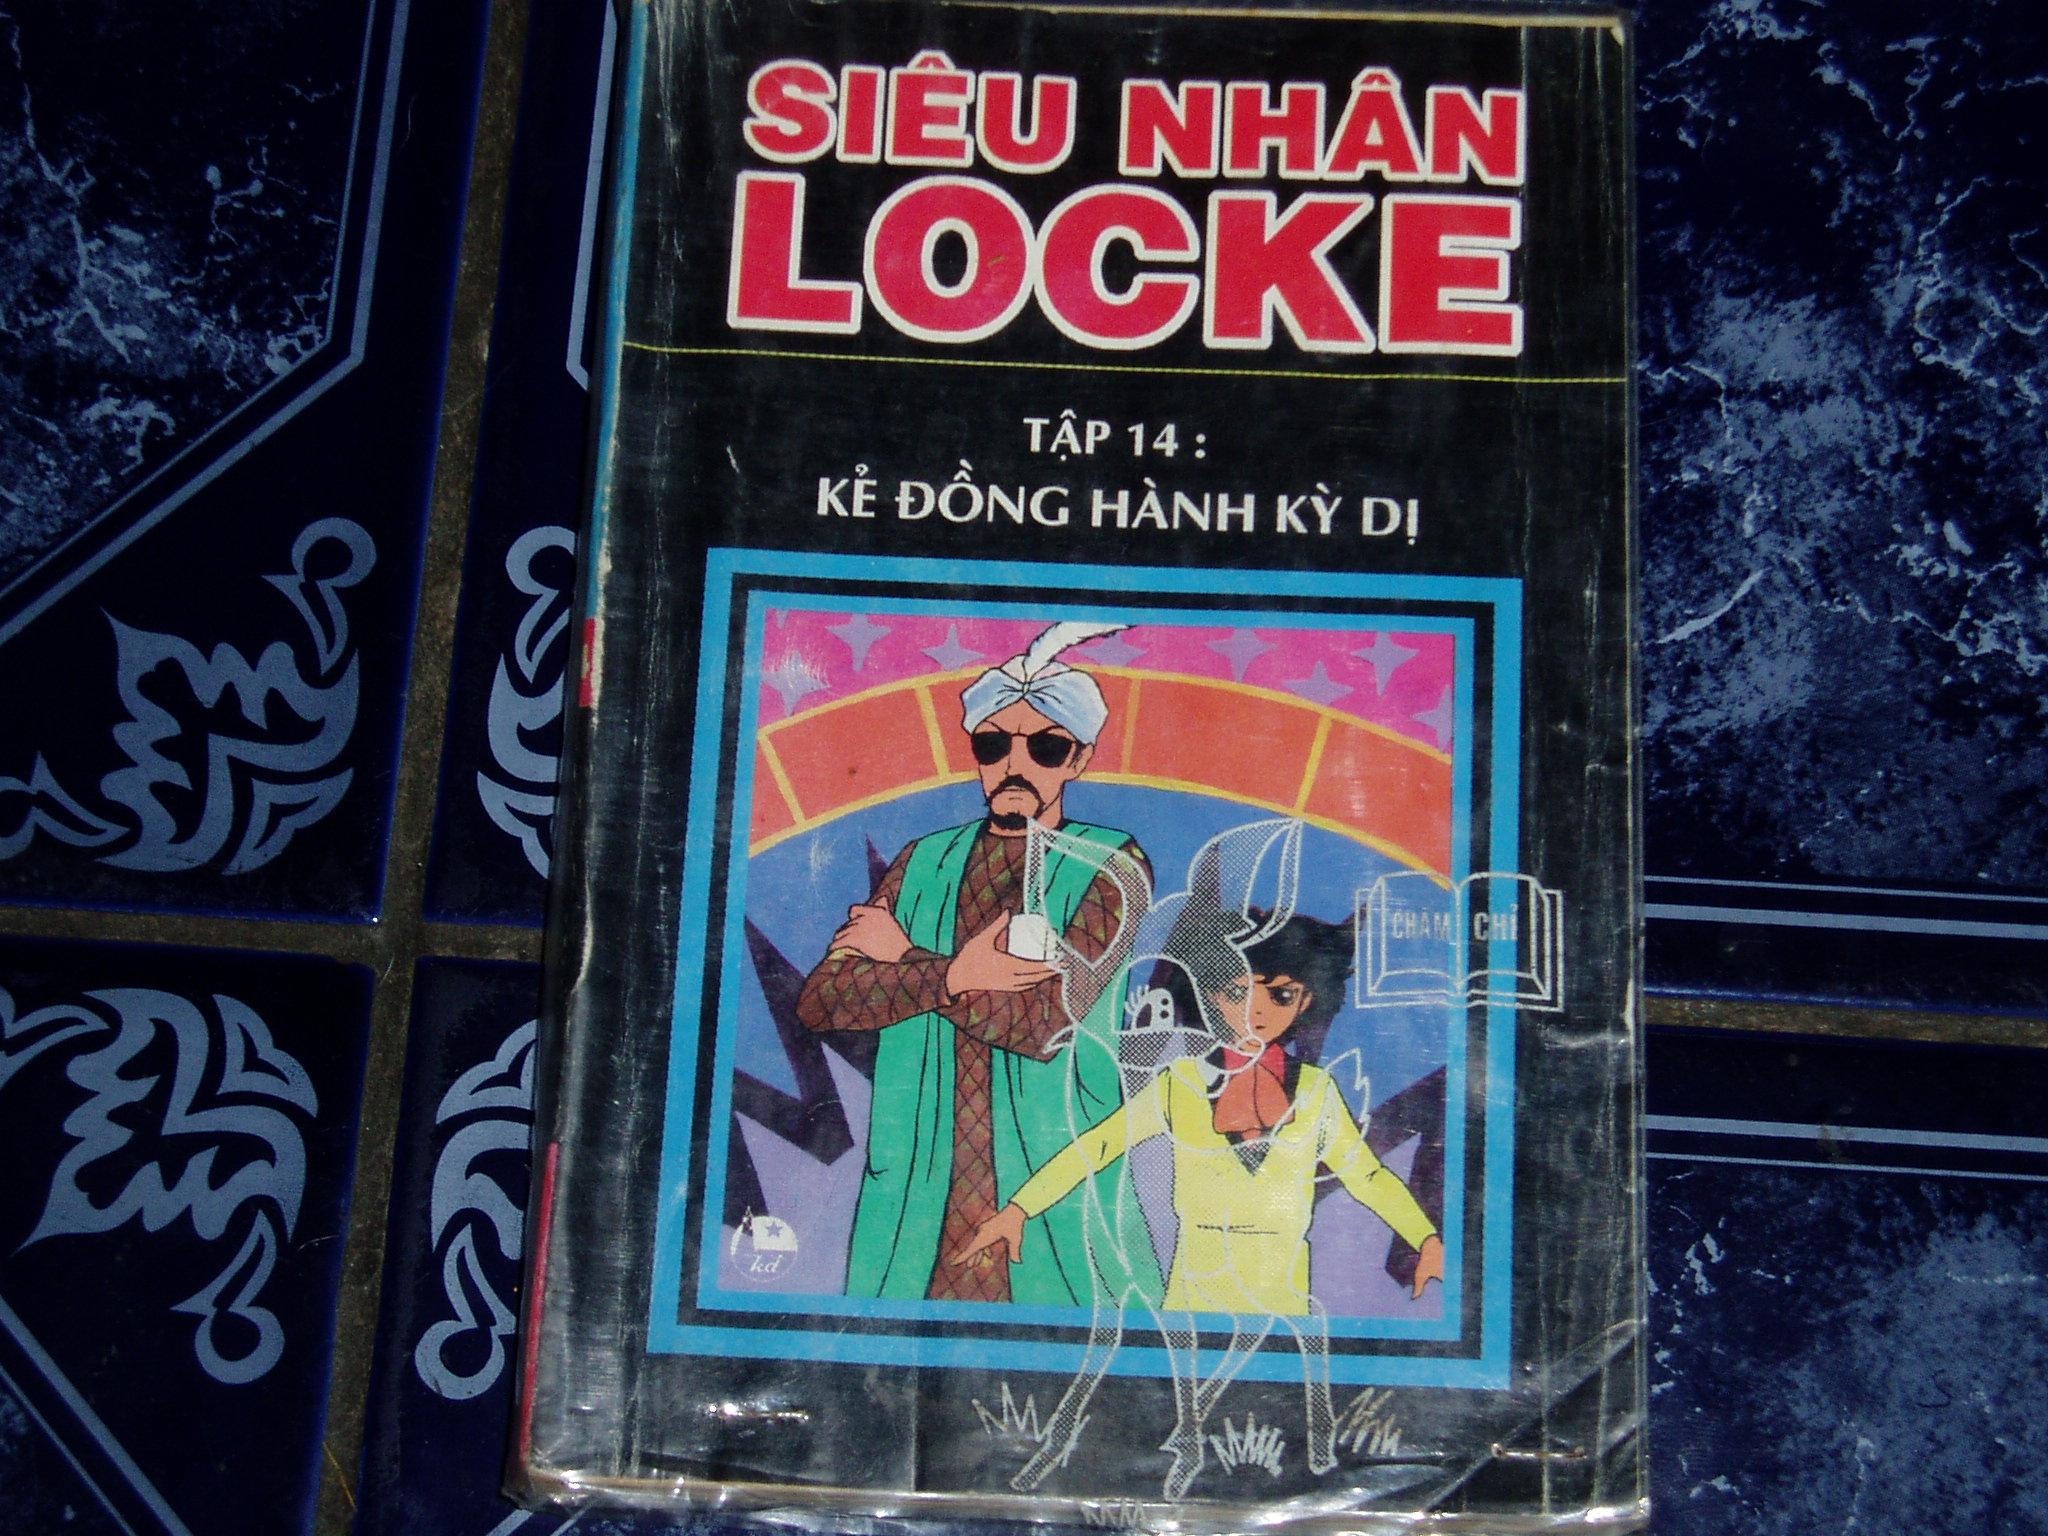 Siêu nhân Locke vol 14 trang 1